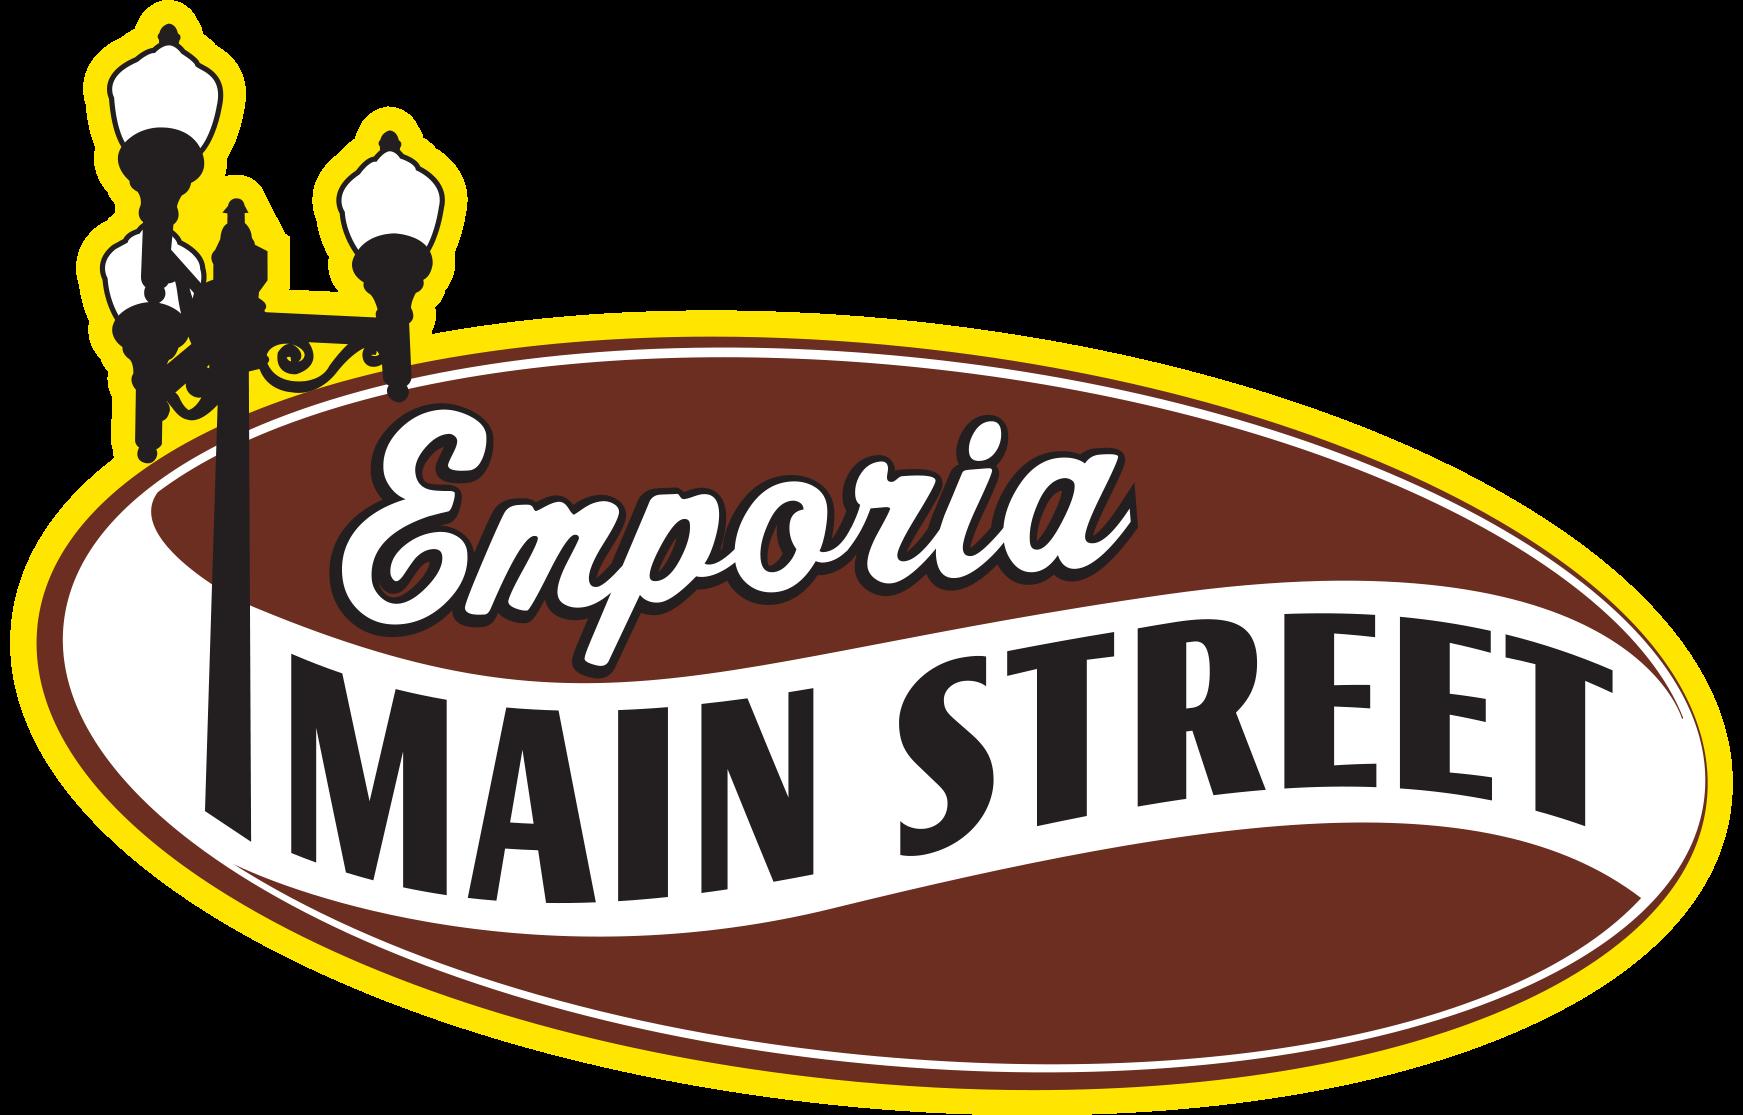 https://emporiamainstreet.com/wp-content/uploads/2014/03/emporia-main-street.png